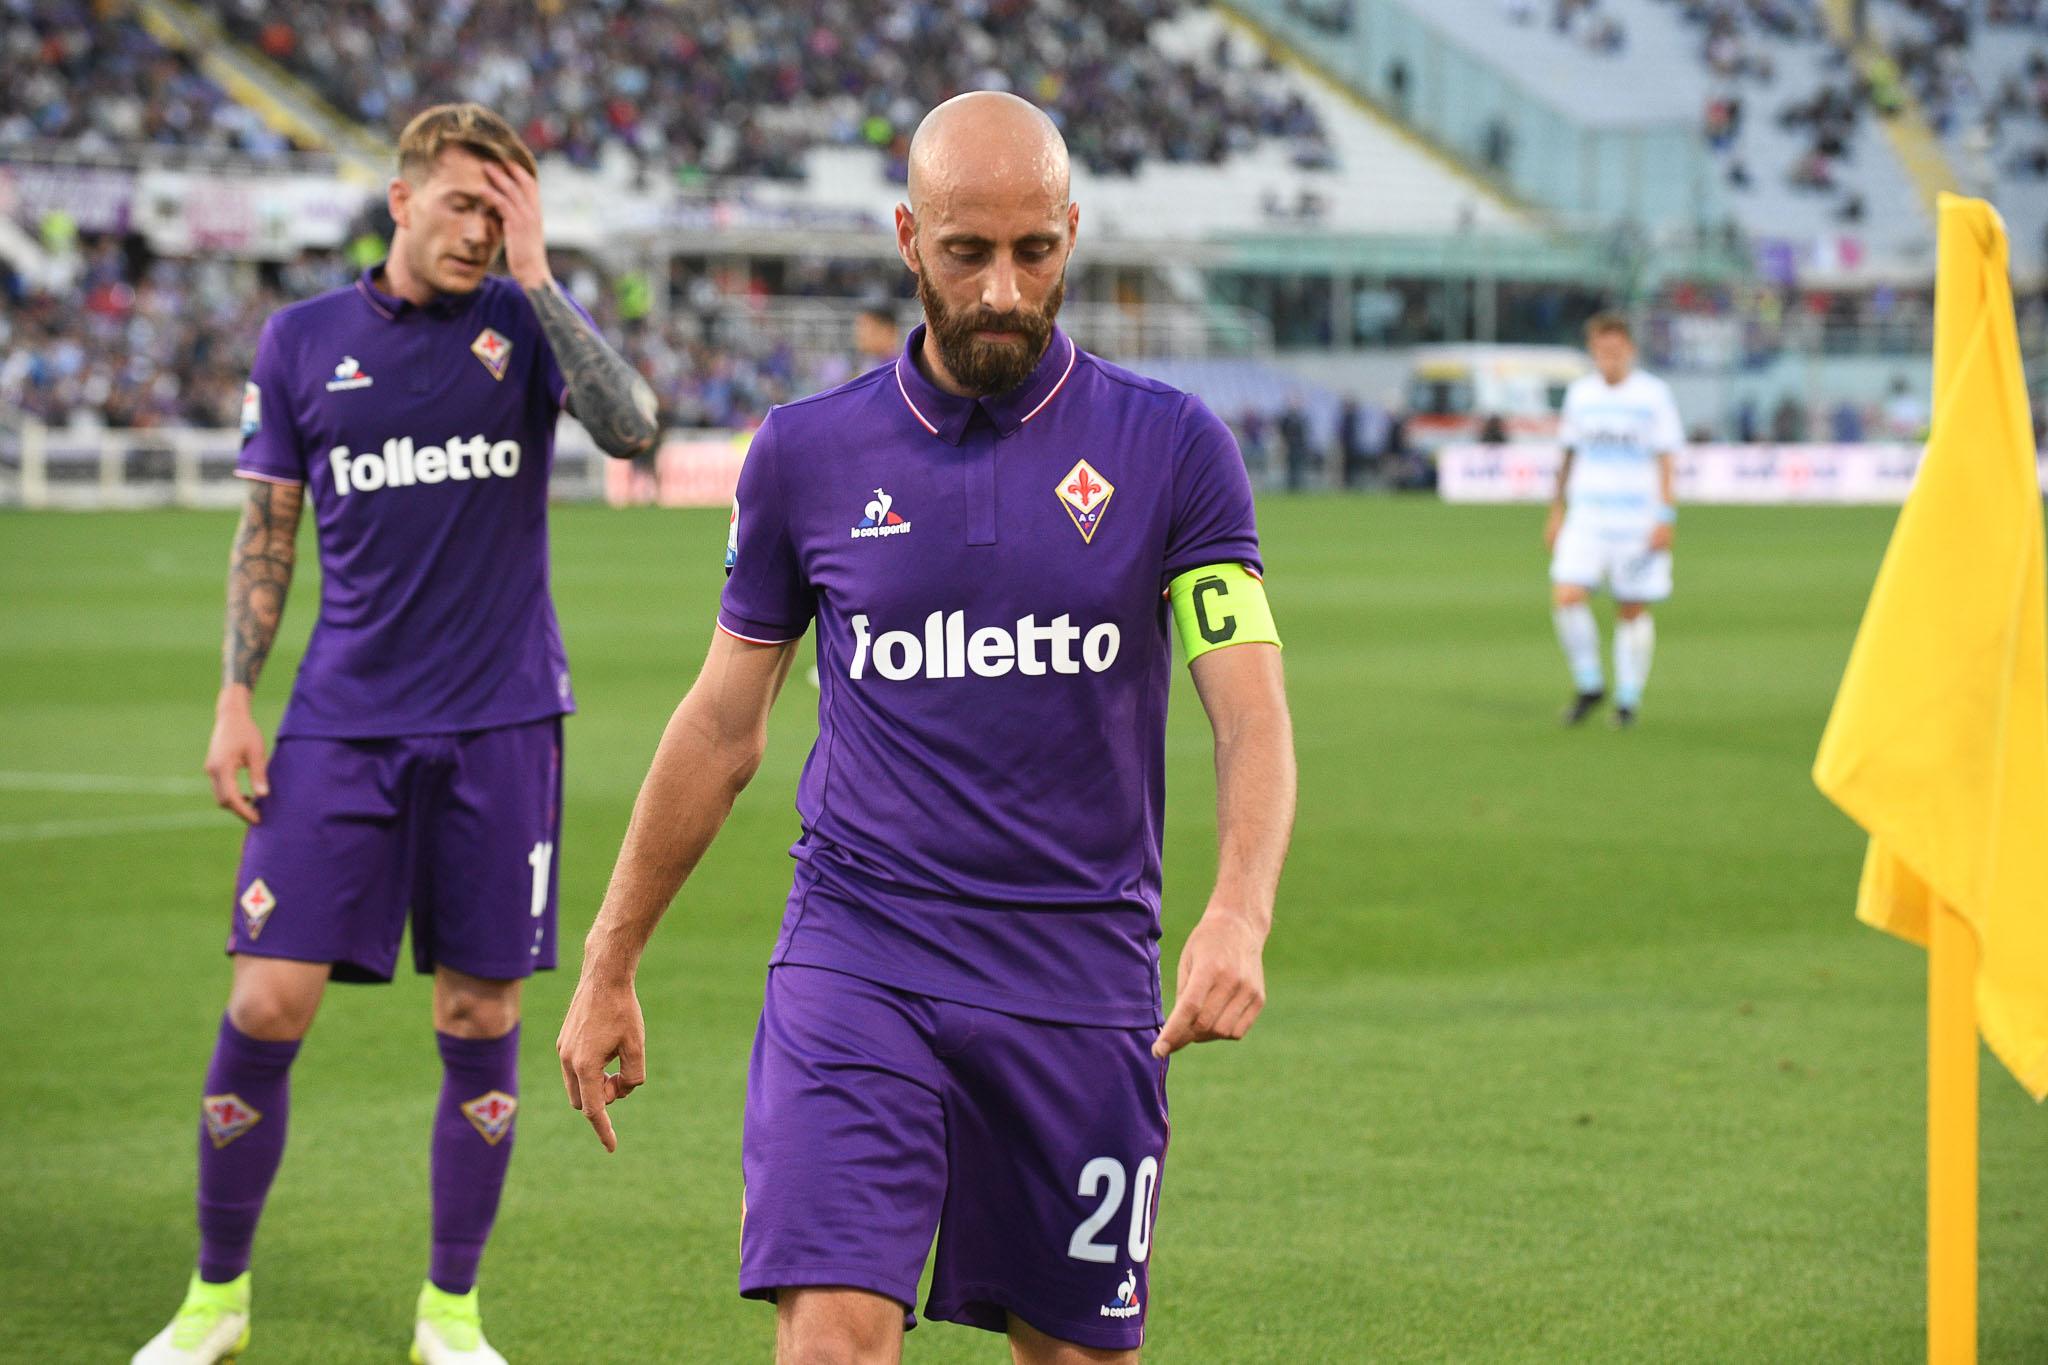 Borja Valero verso il Milan? Tutto falso. Lo vuole Spalletti all'Inter ma il calciatore vuole restare a Firenze